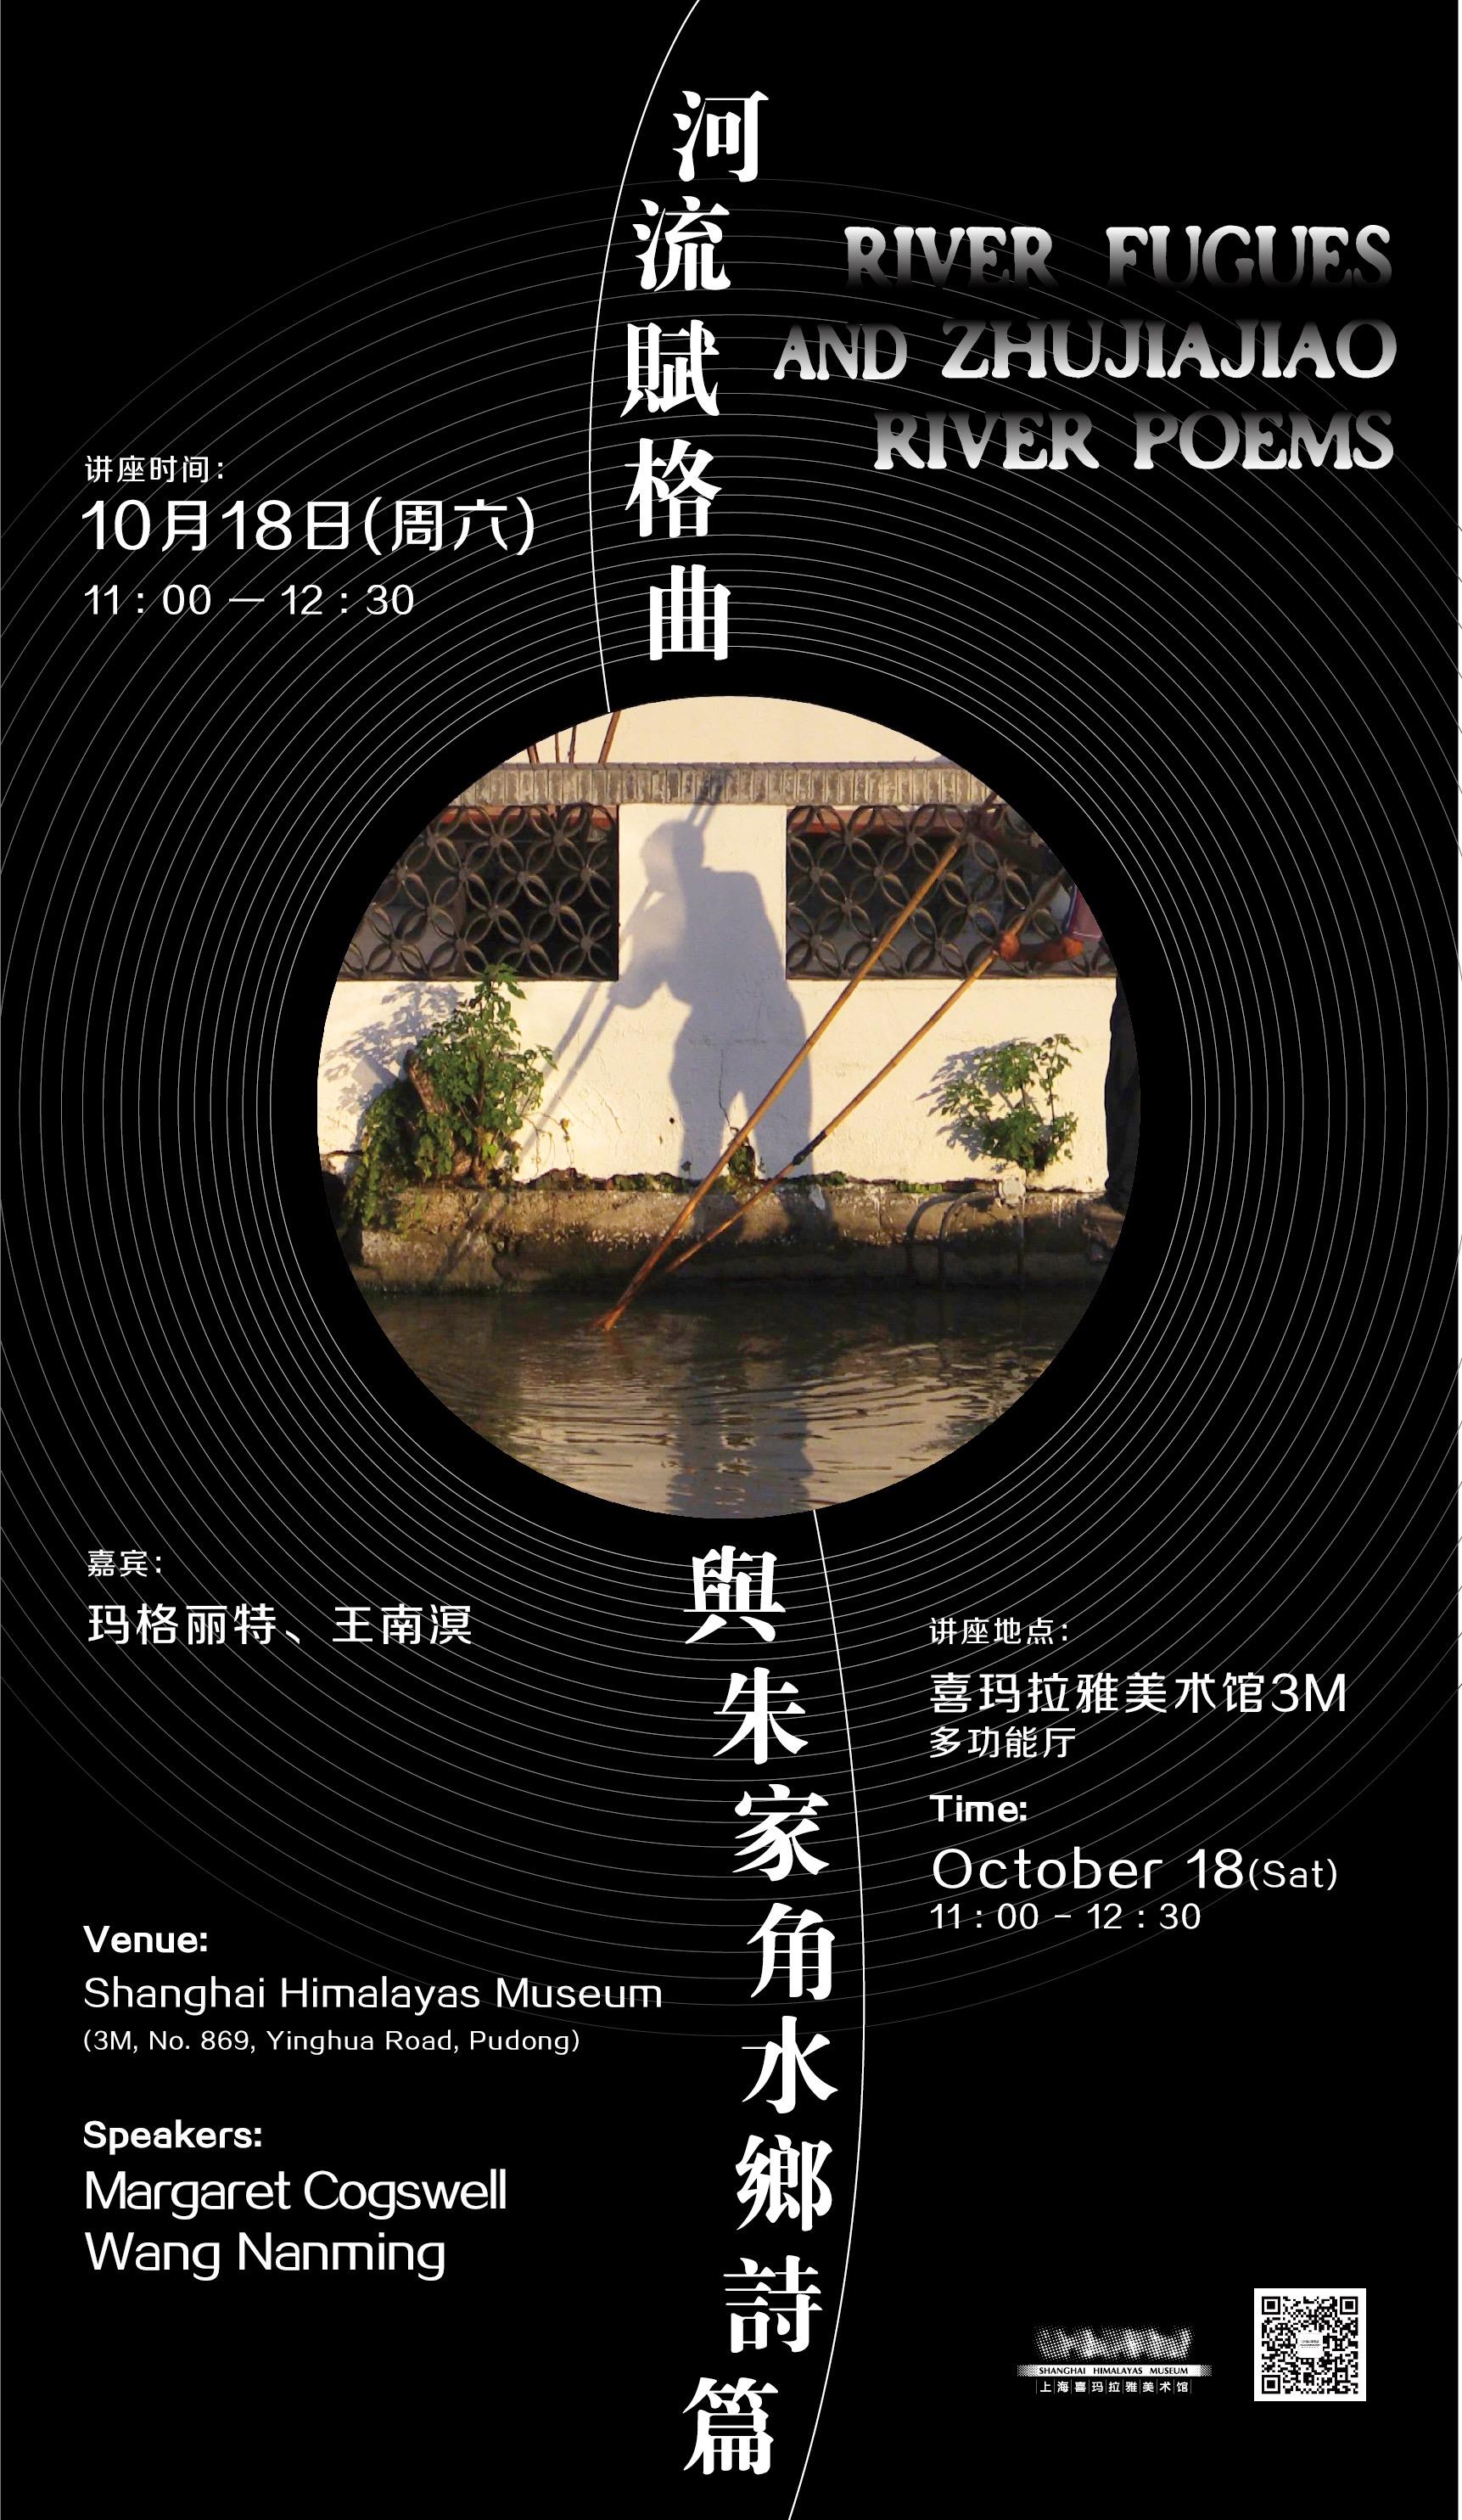 Zhujiajiao exhibition poster 1014_1.jpg